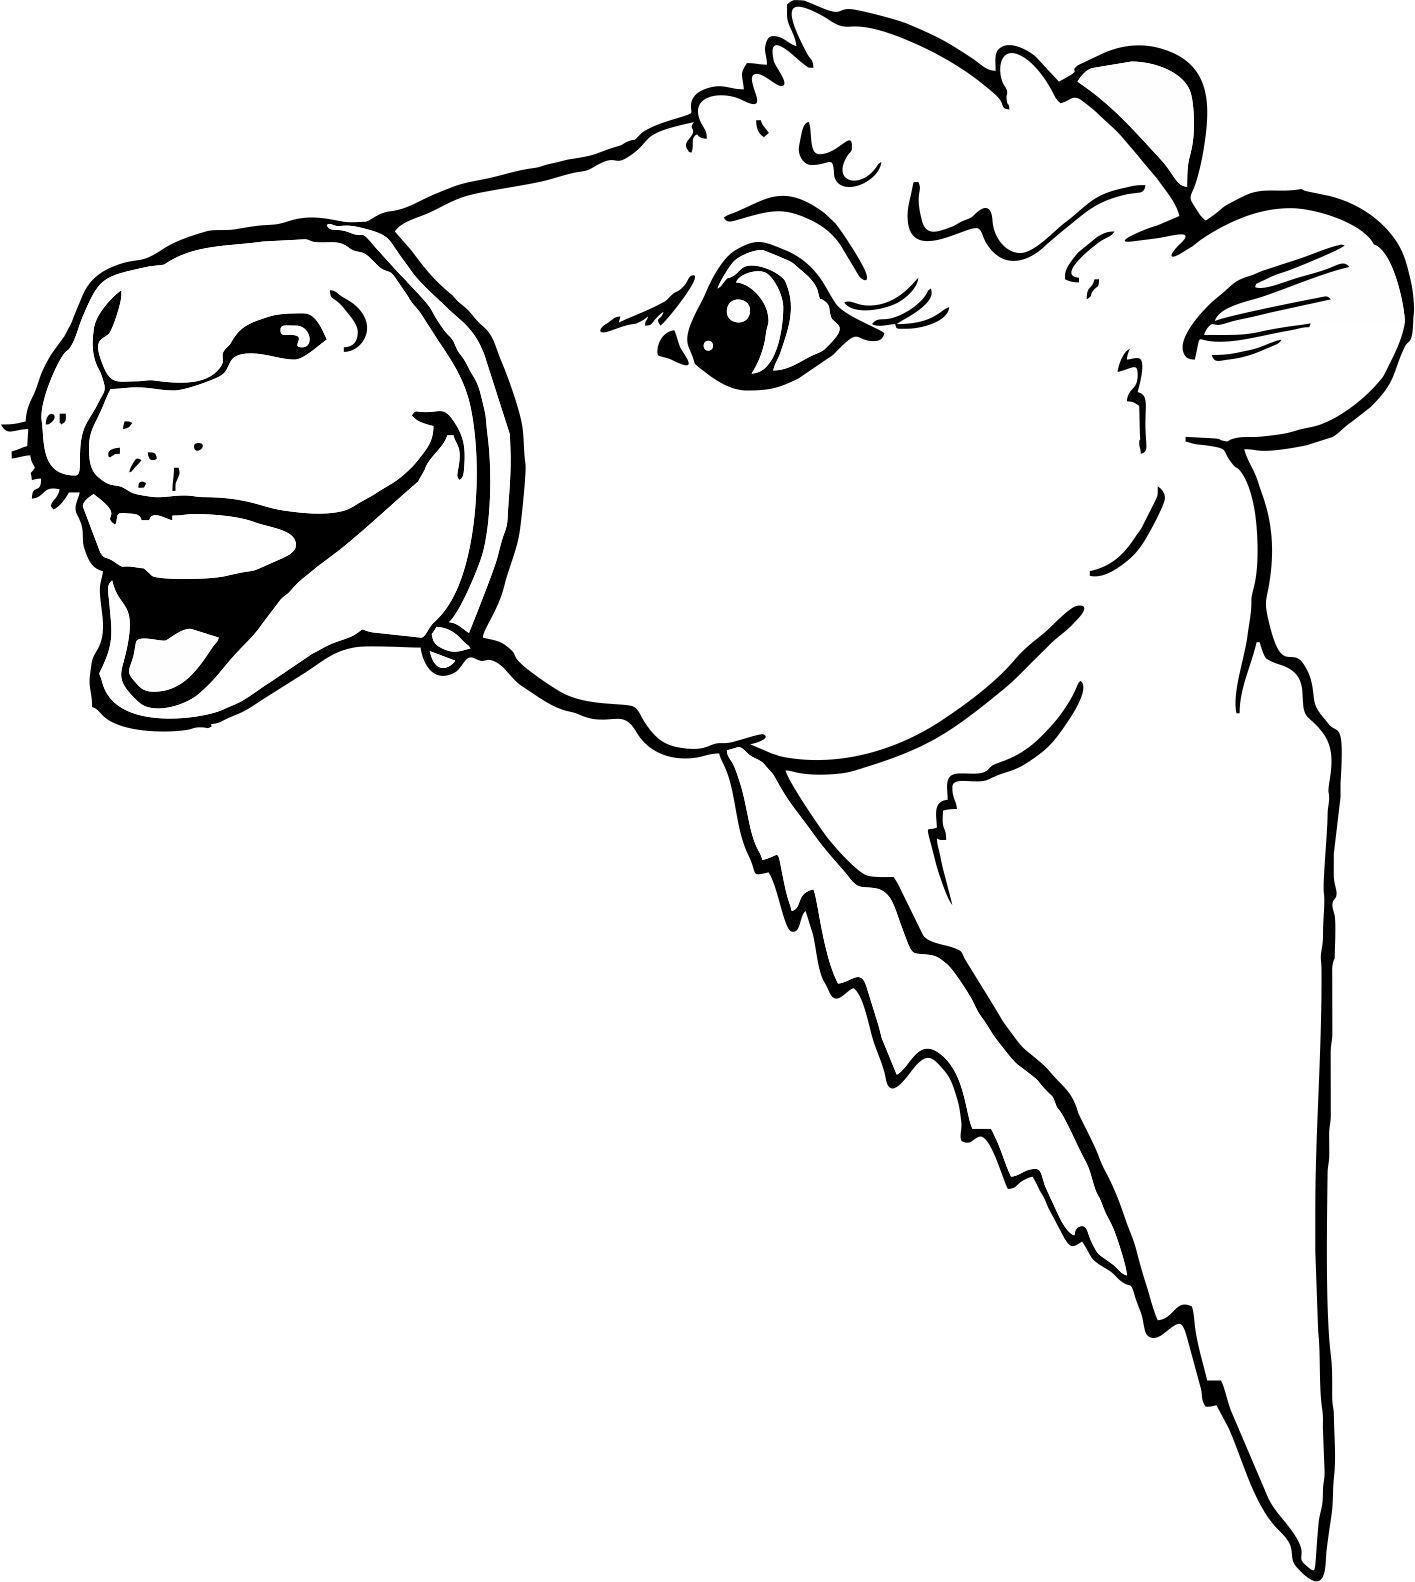 Kamelkopf Ausmalbilder Vektorisieren Ausmalen